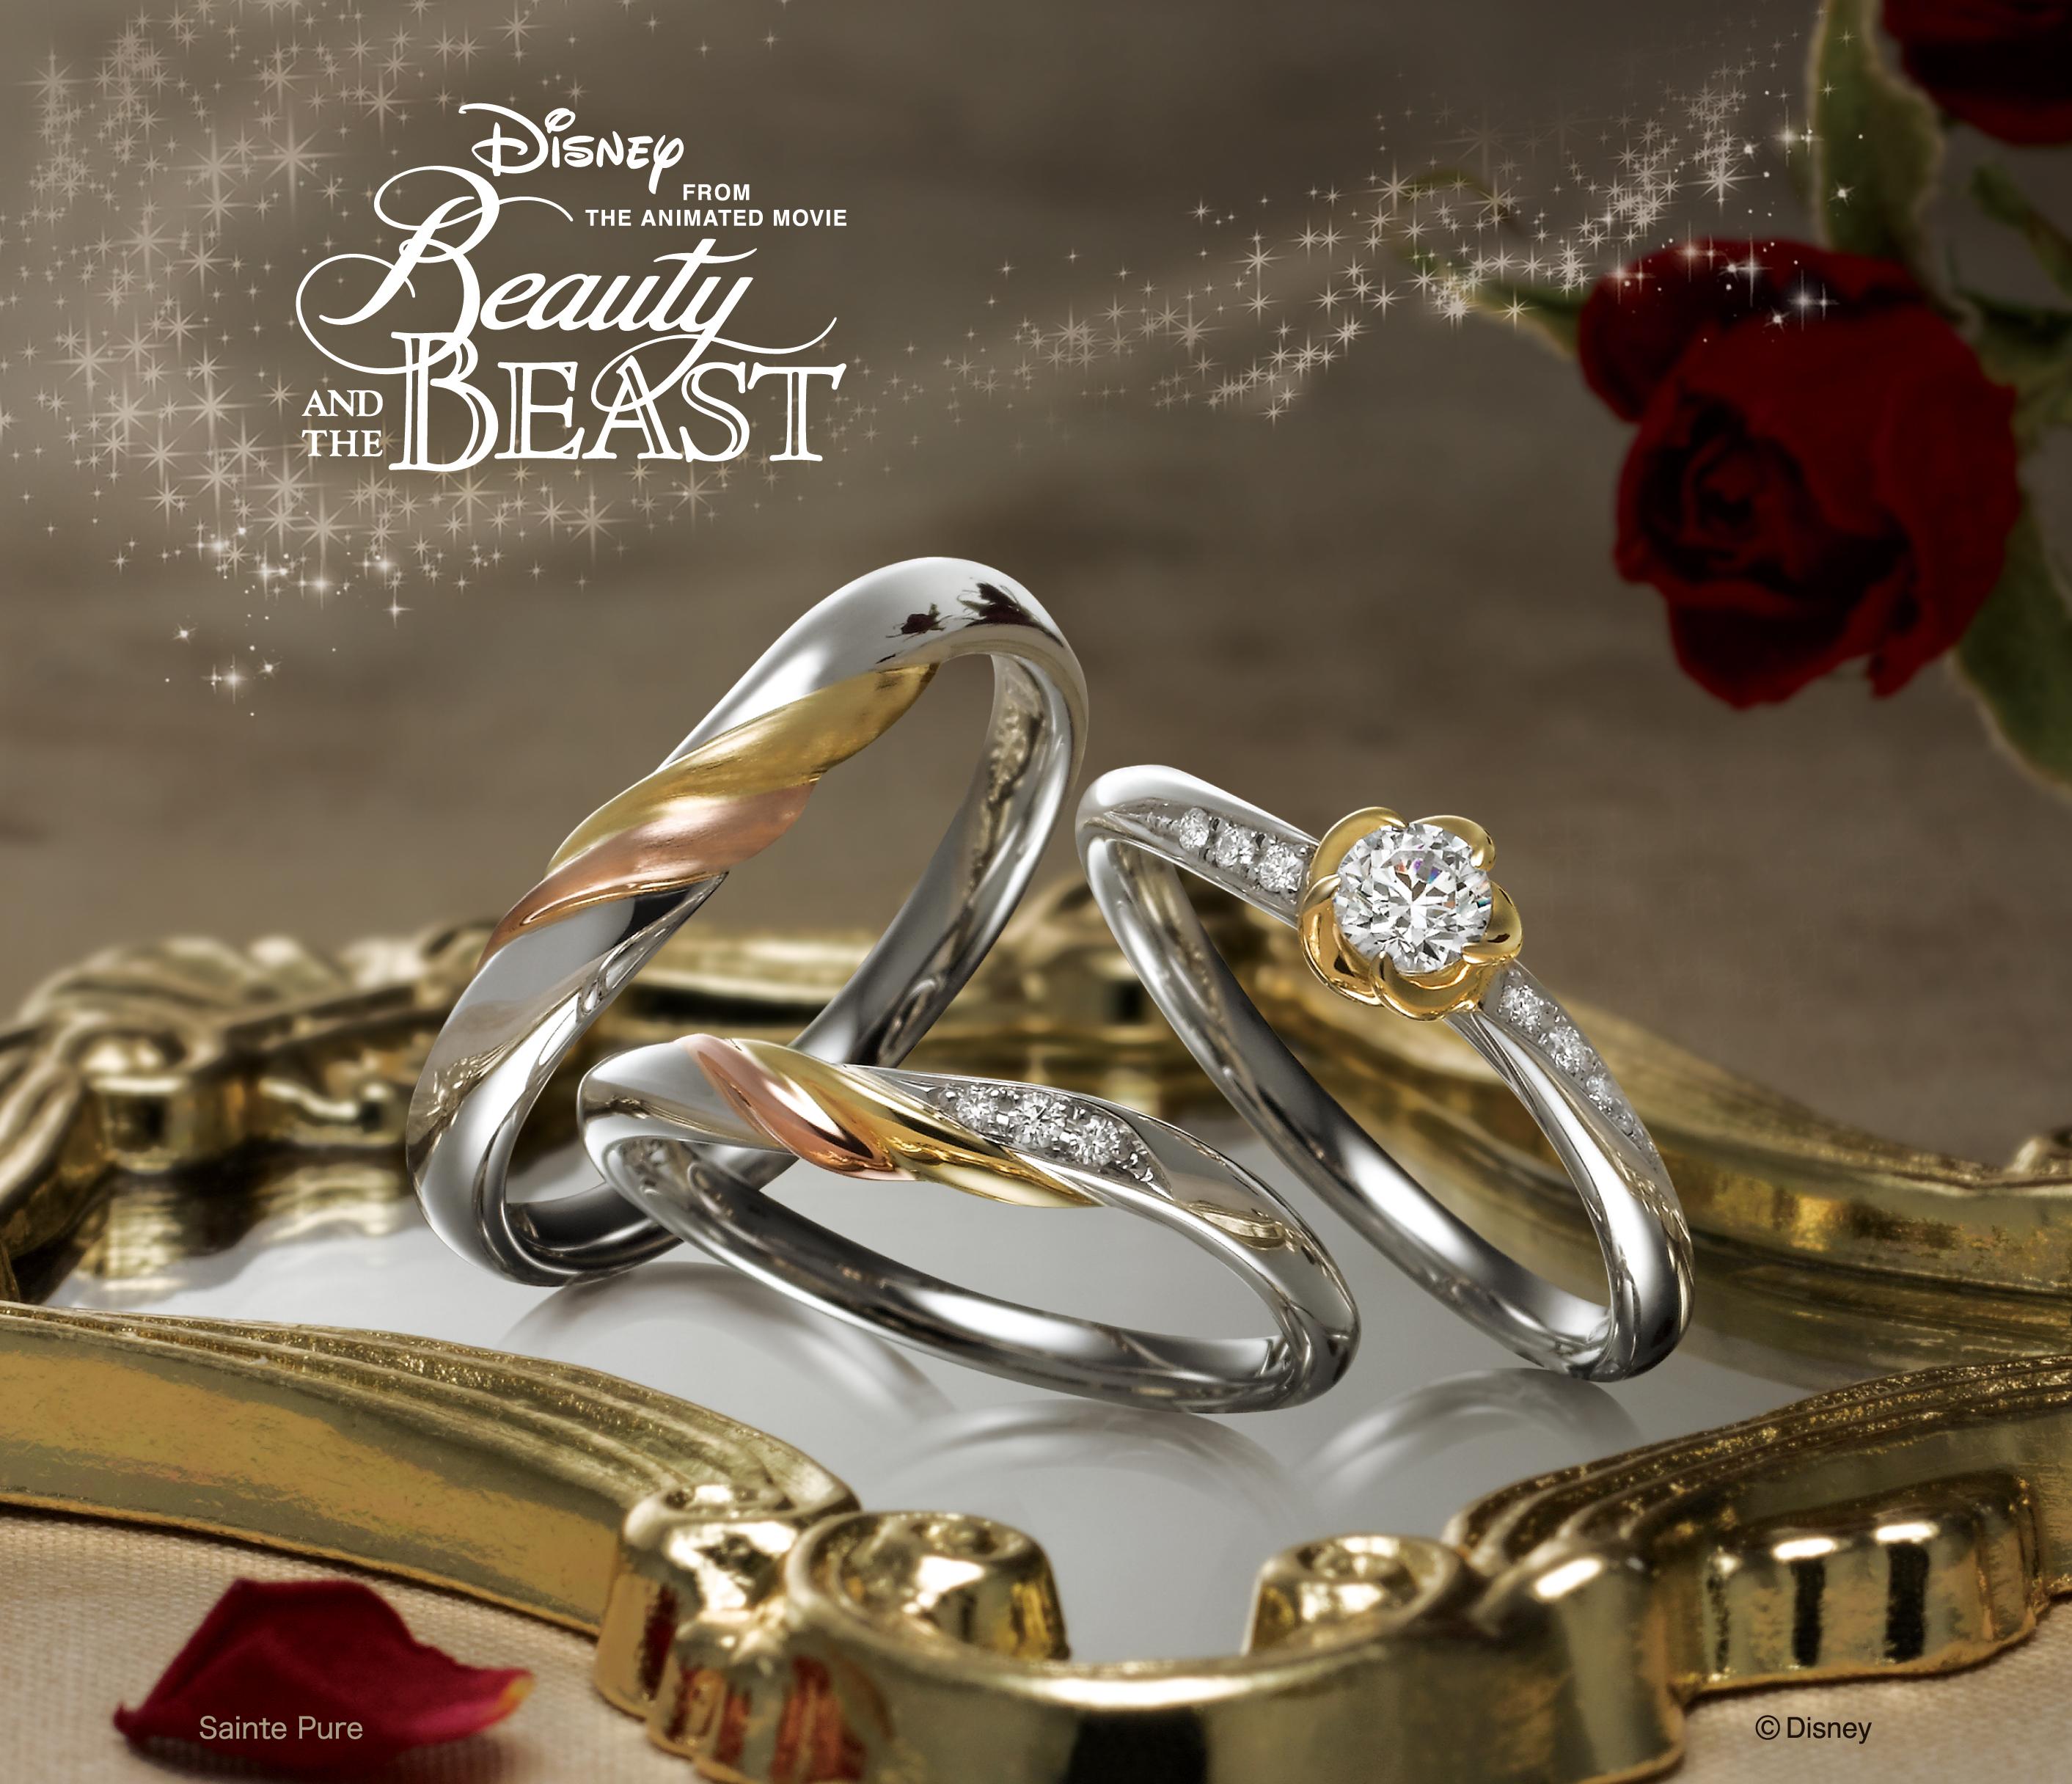 ディズニー美女と野獣の婚約指輪・結婚指輪